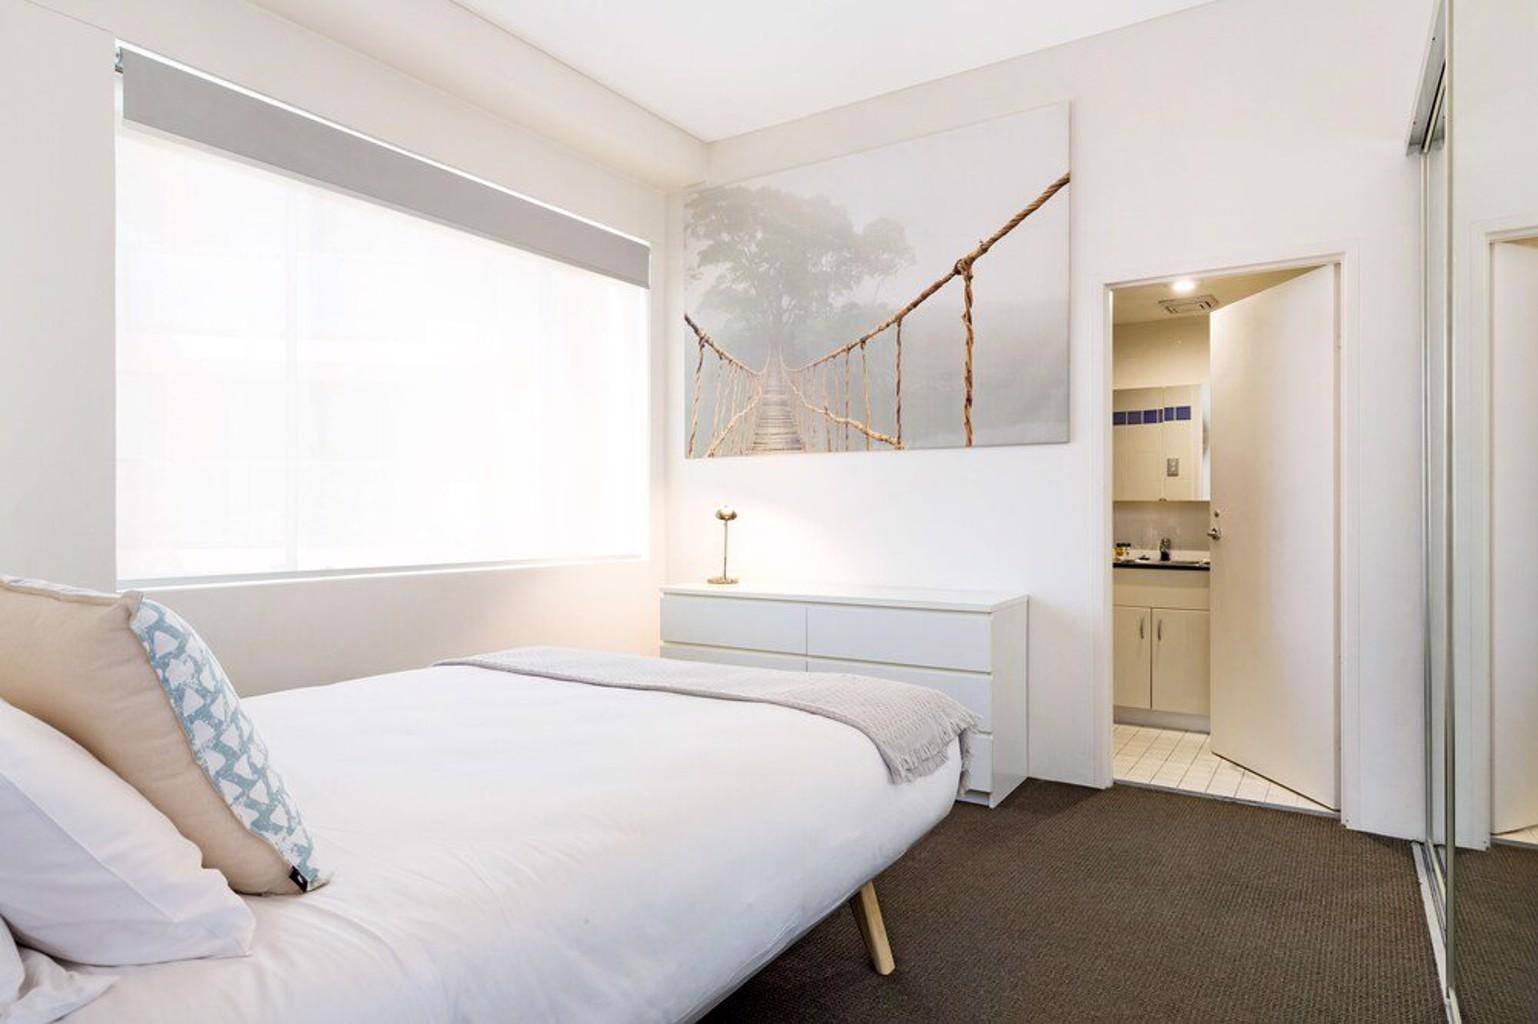 Darlinghurst 713 Ril Furnished Apartment